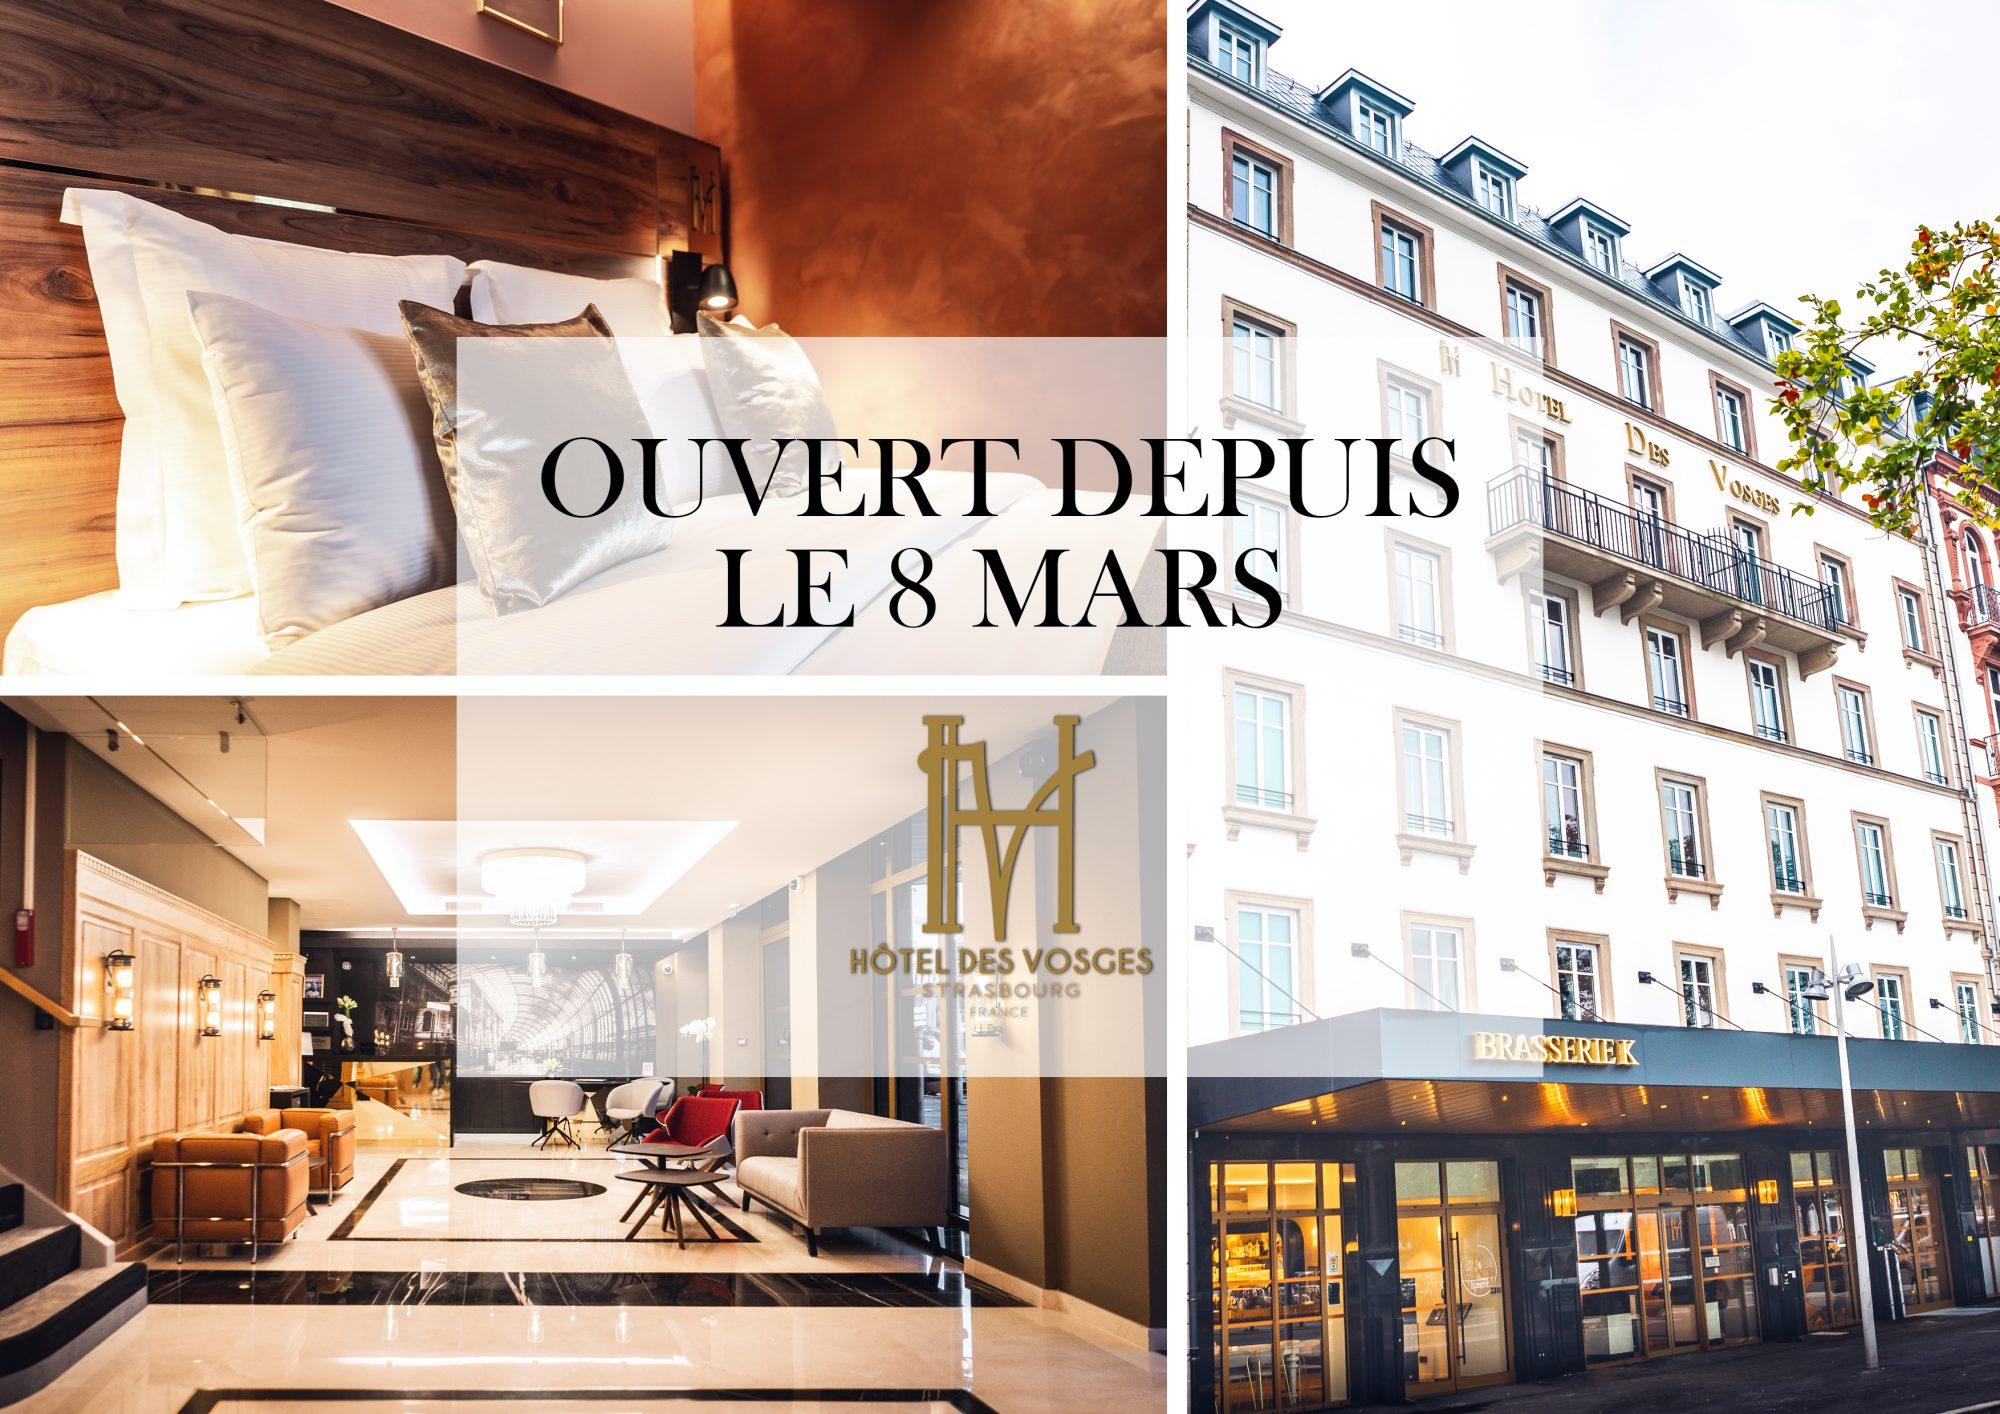 Hôtel des Vosges Strasbourg – Ouvert depuis le 8 Mars